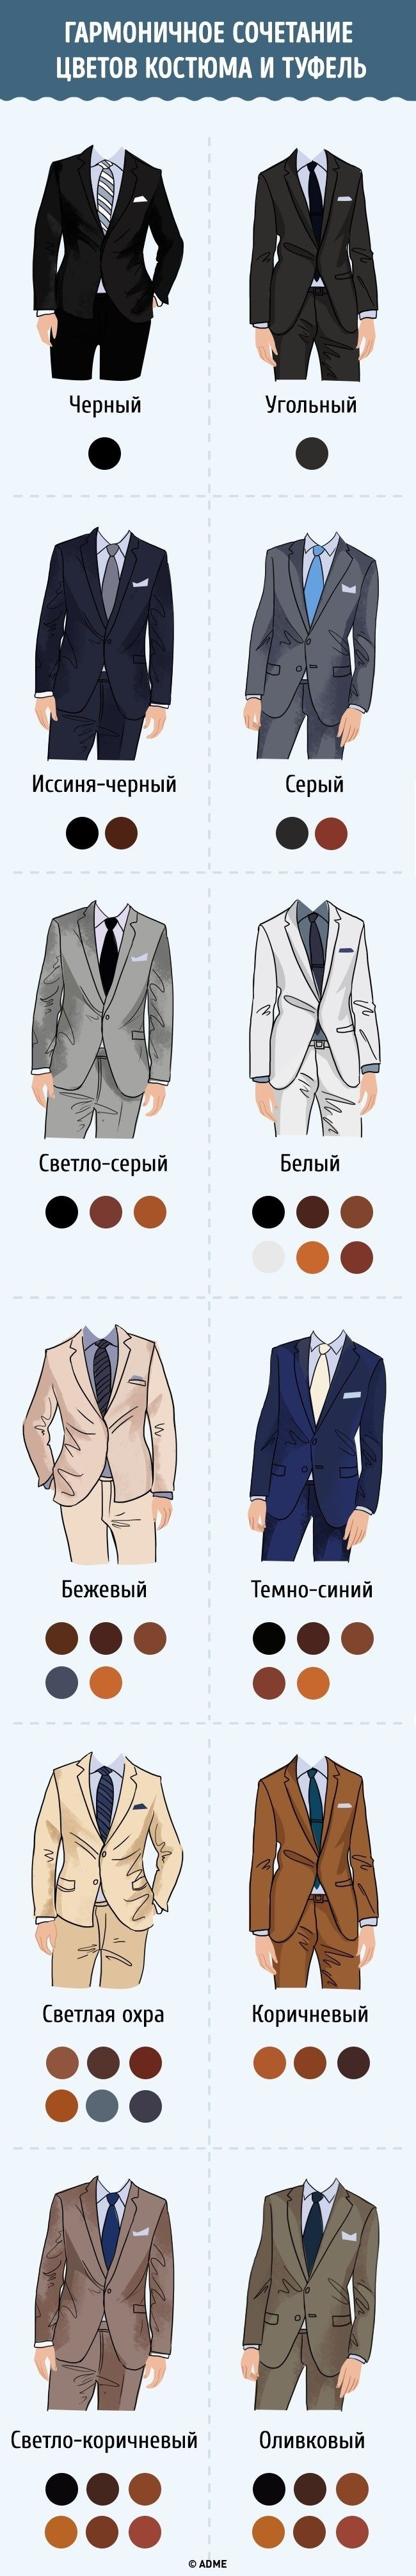 сочетание туфель и костюма